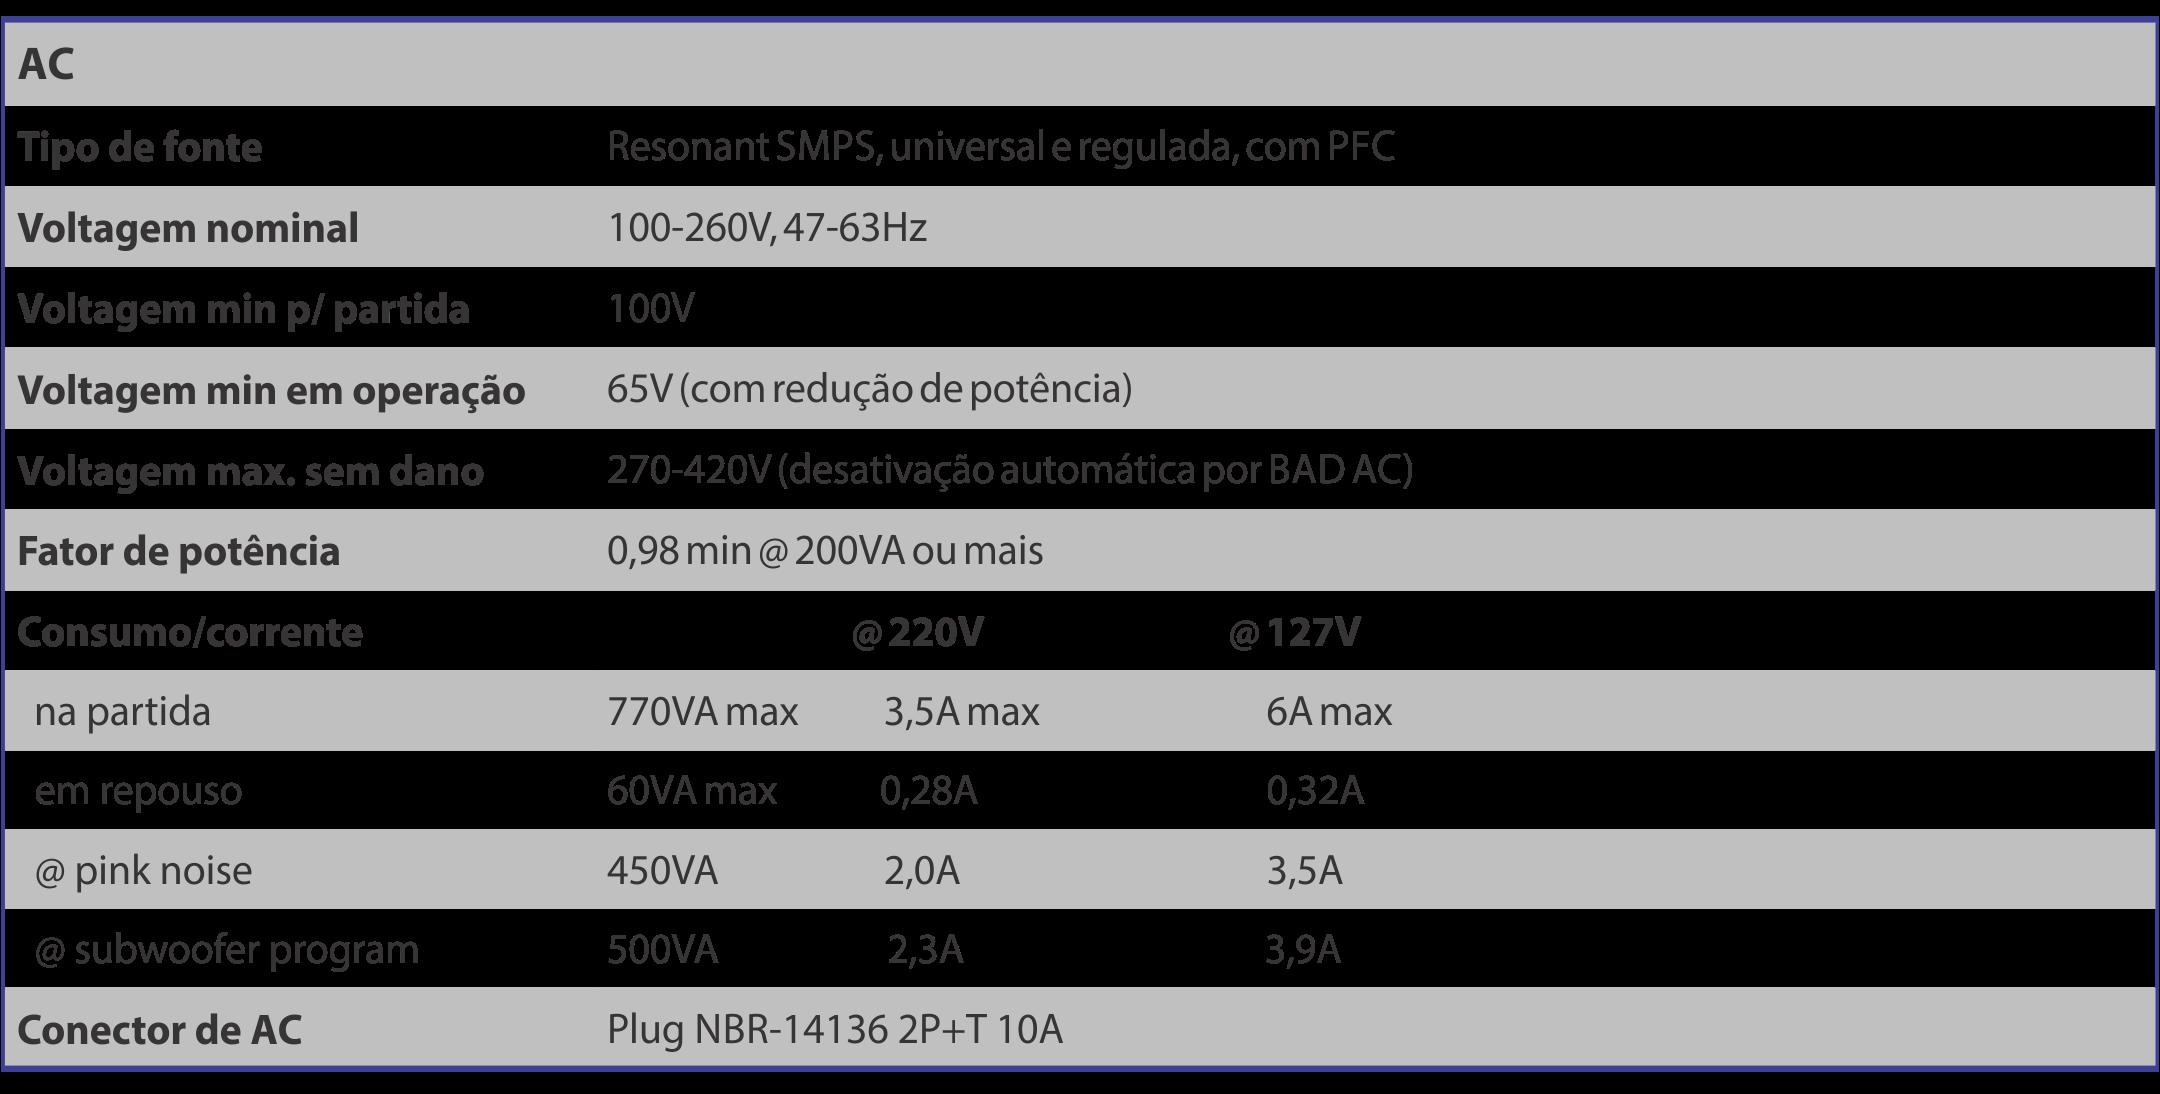 Amplificador NEXT PRO R2 Especificacoes tecnicas